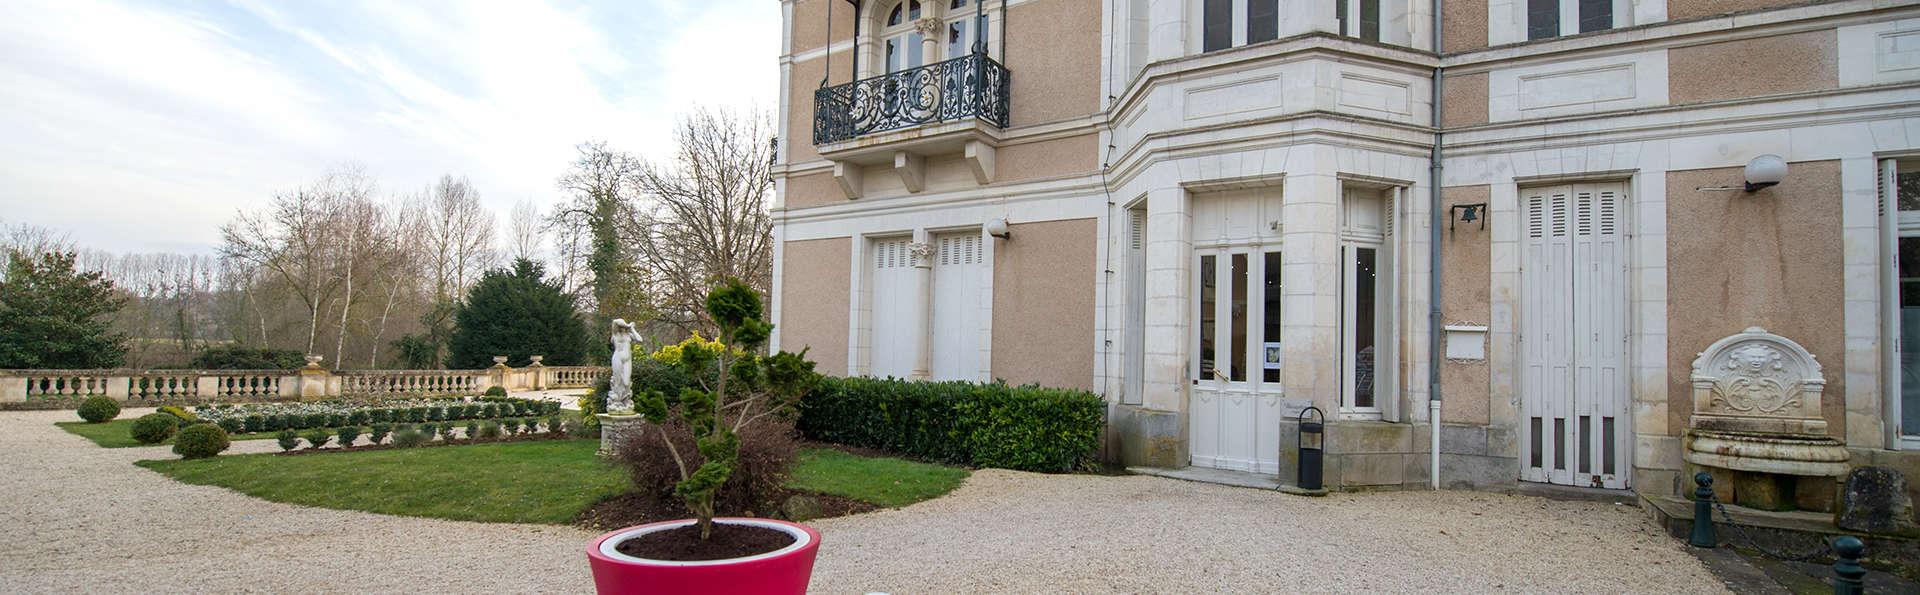 Château du Clos de la Ribaudière  - EDIT_front.jpg